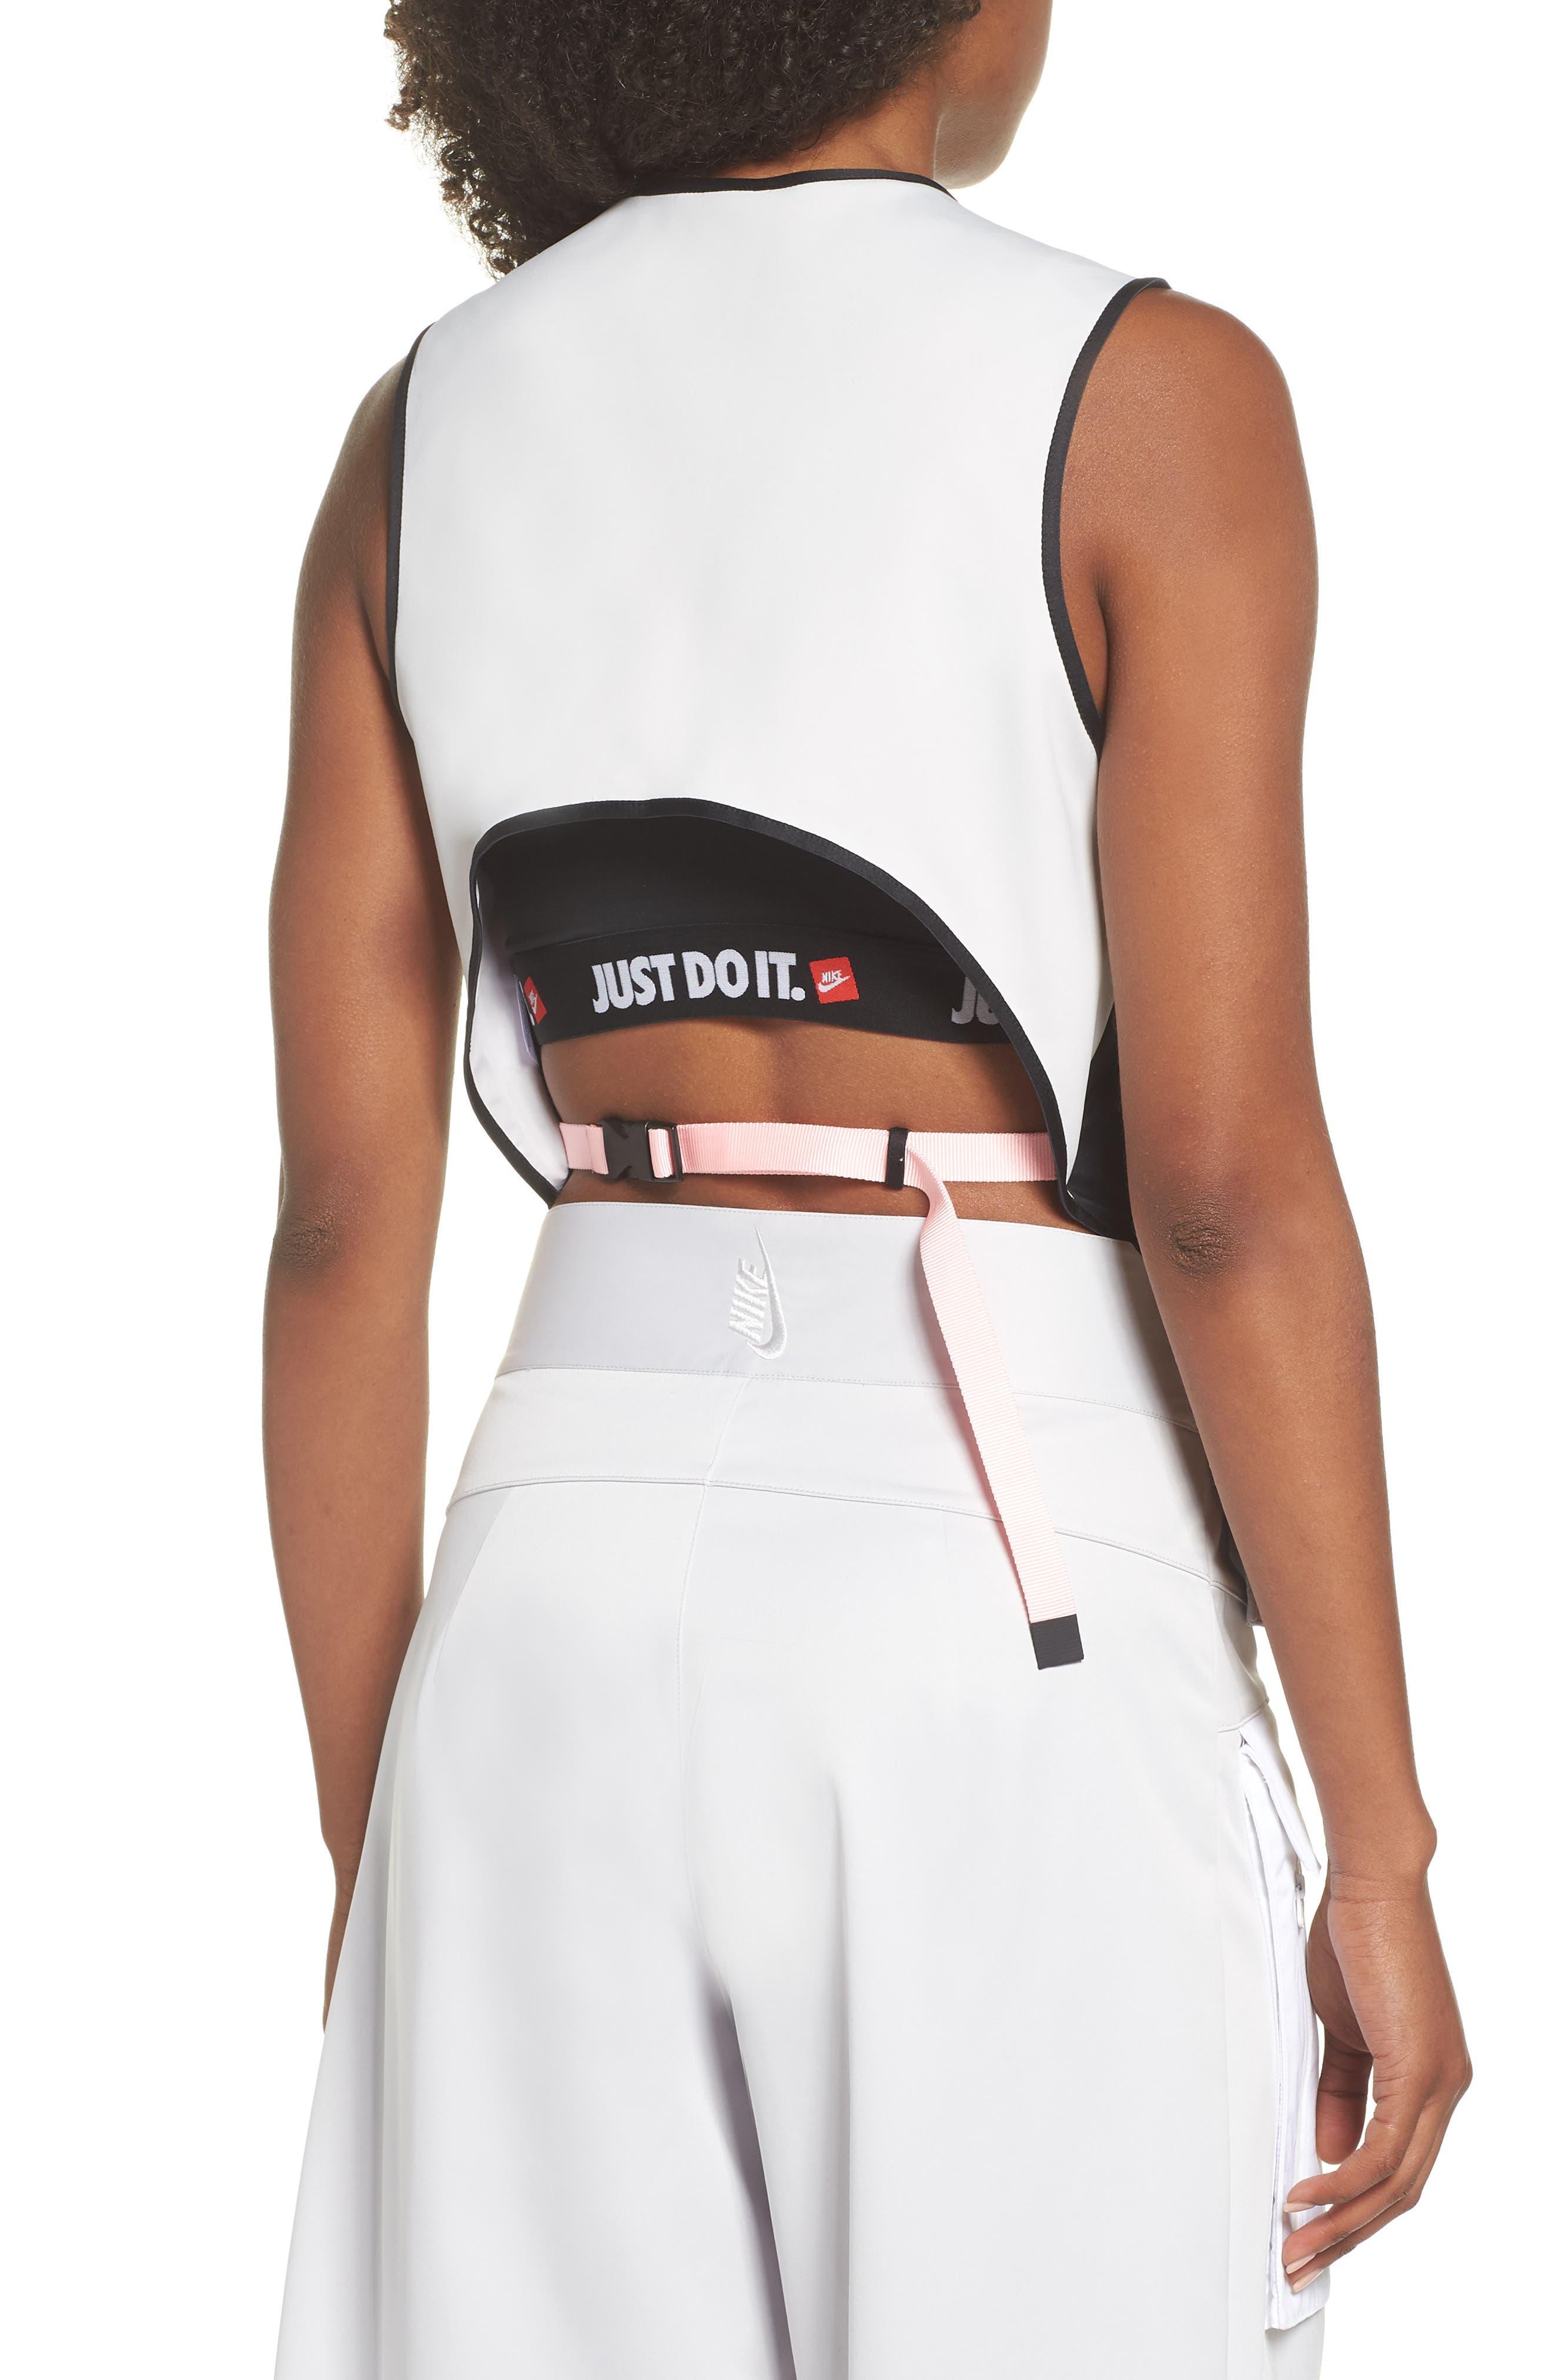 NRG Women's Utility Vest,                             Alternate thumbnail 2, color,                             BLACK/ VAPOR GREEN/ BLACK